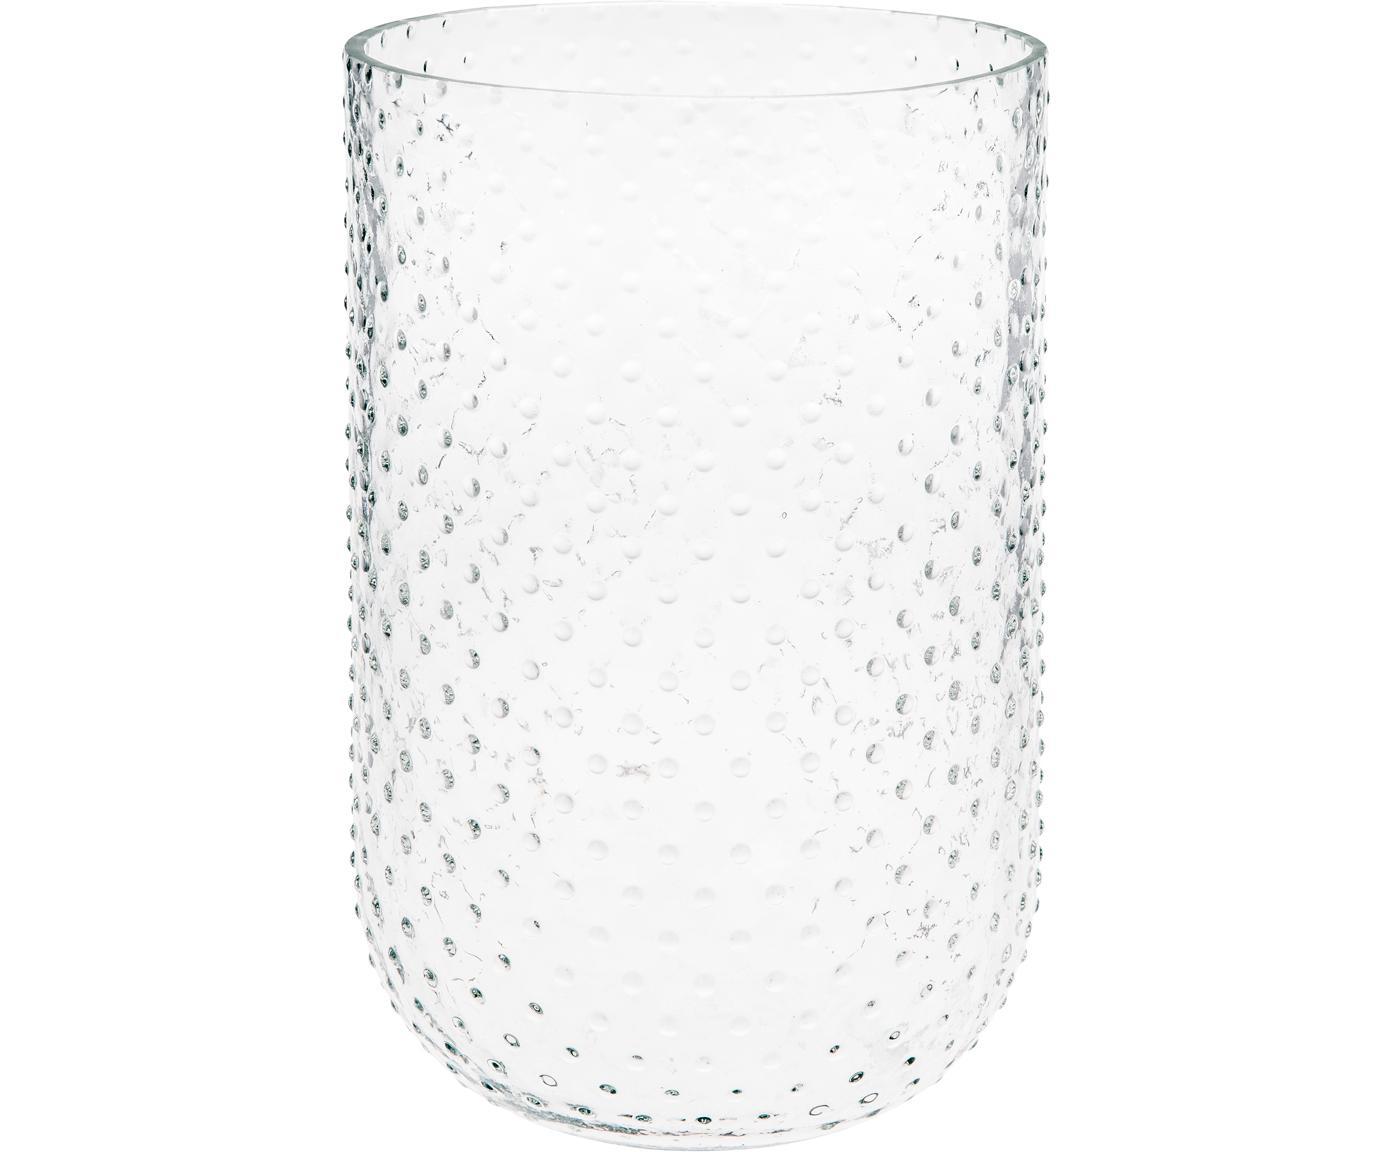 Glas-Vase Bumble, Glas, Transparent, Ø 15 x H 24 cm